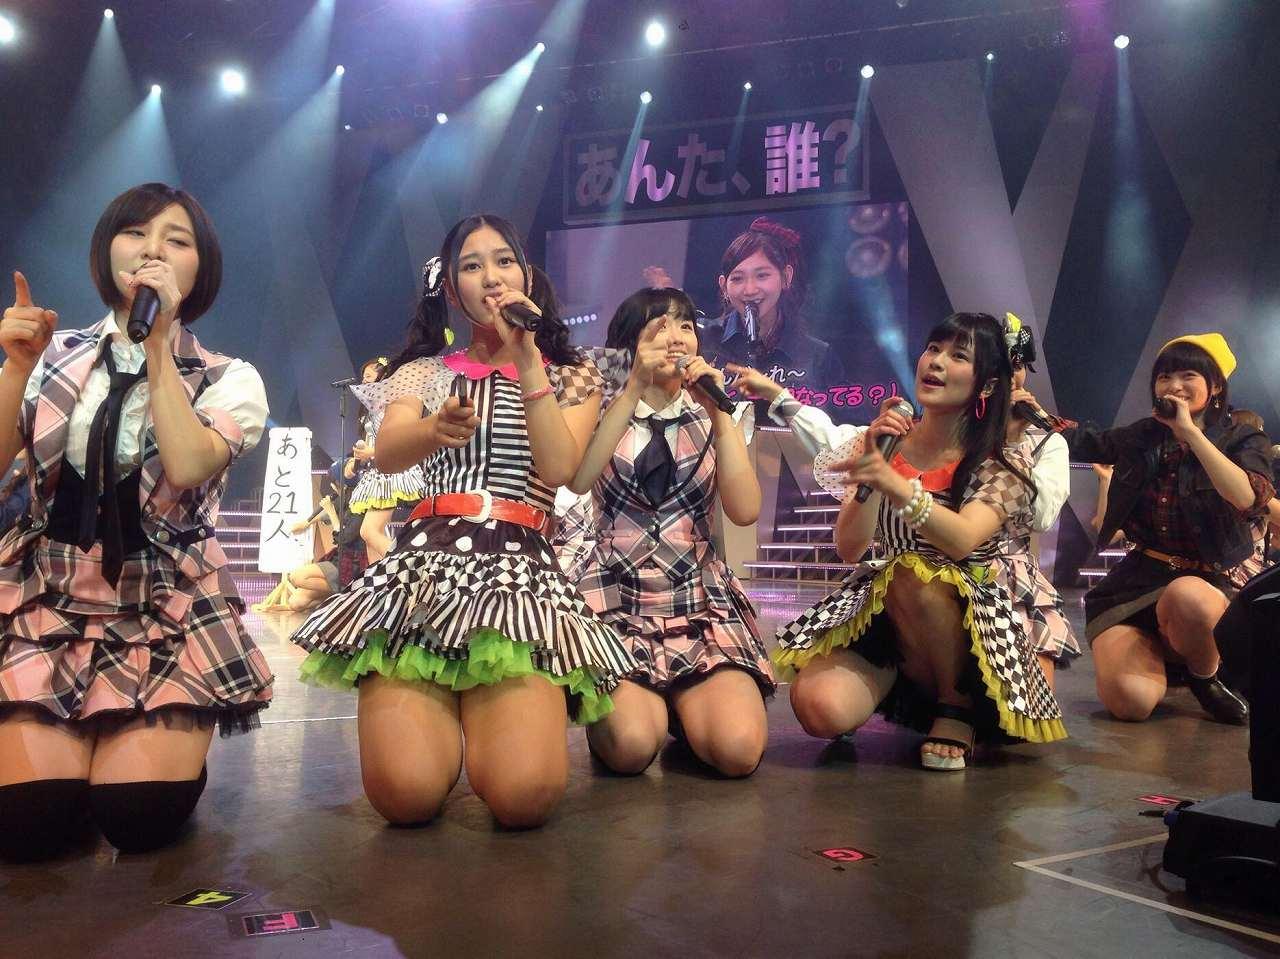 AKB48横浜公演でしゃがみ込んだ田北香世子が太もも丸出しパンチラ